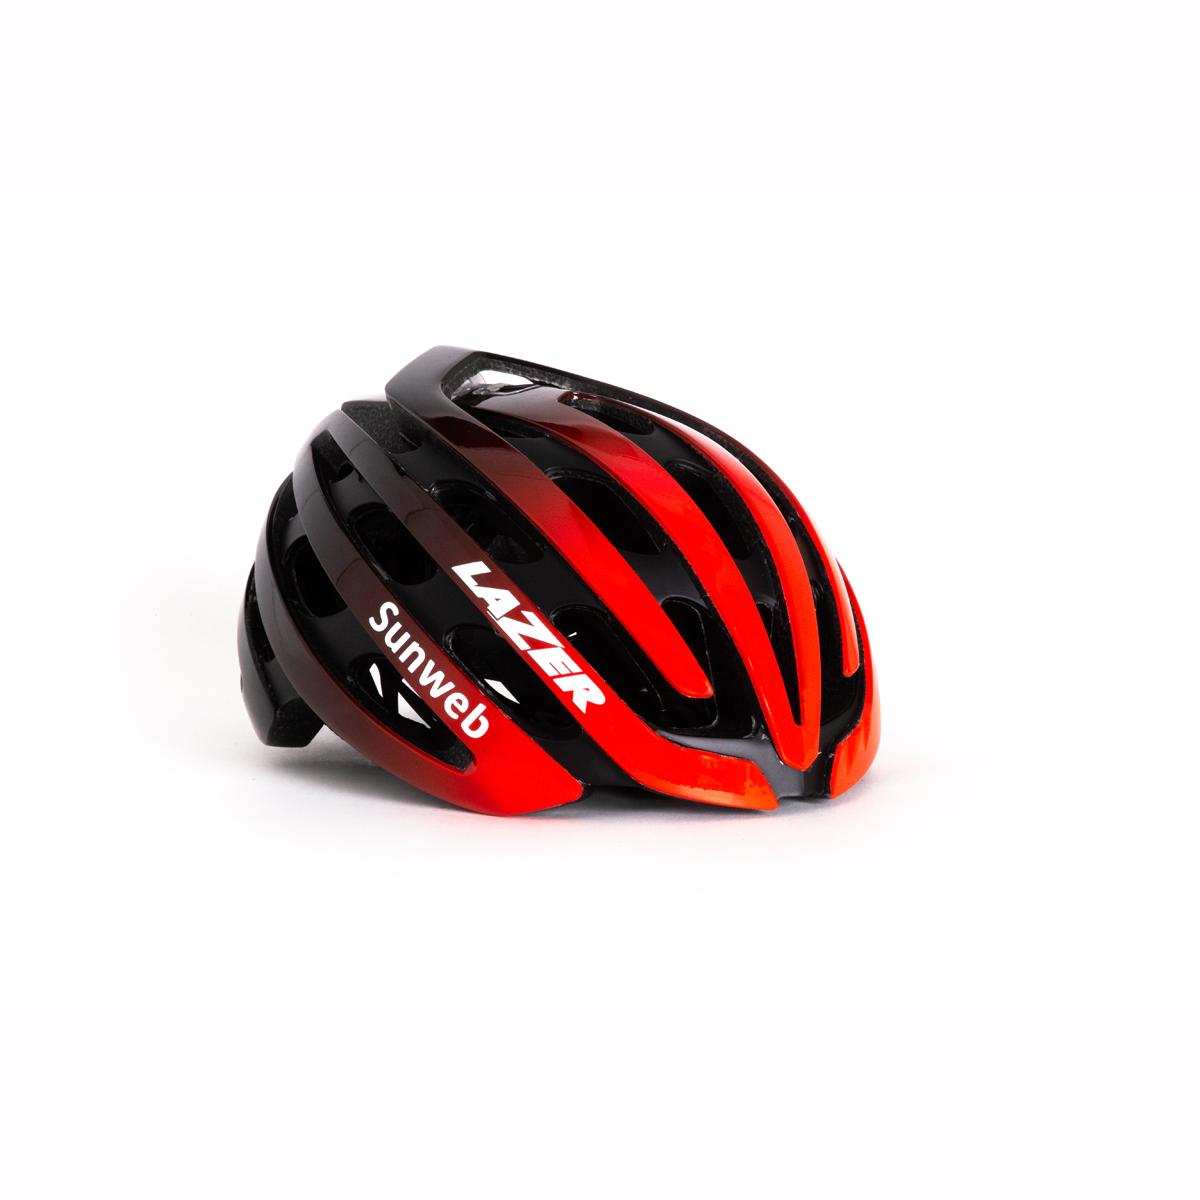 Hjelm Lazer Z1 | cykelhjelm